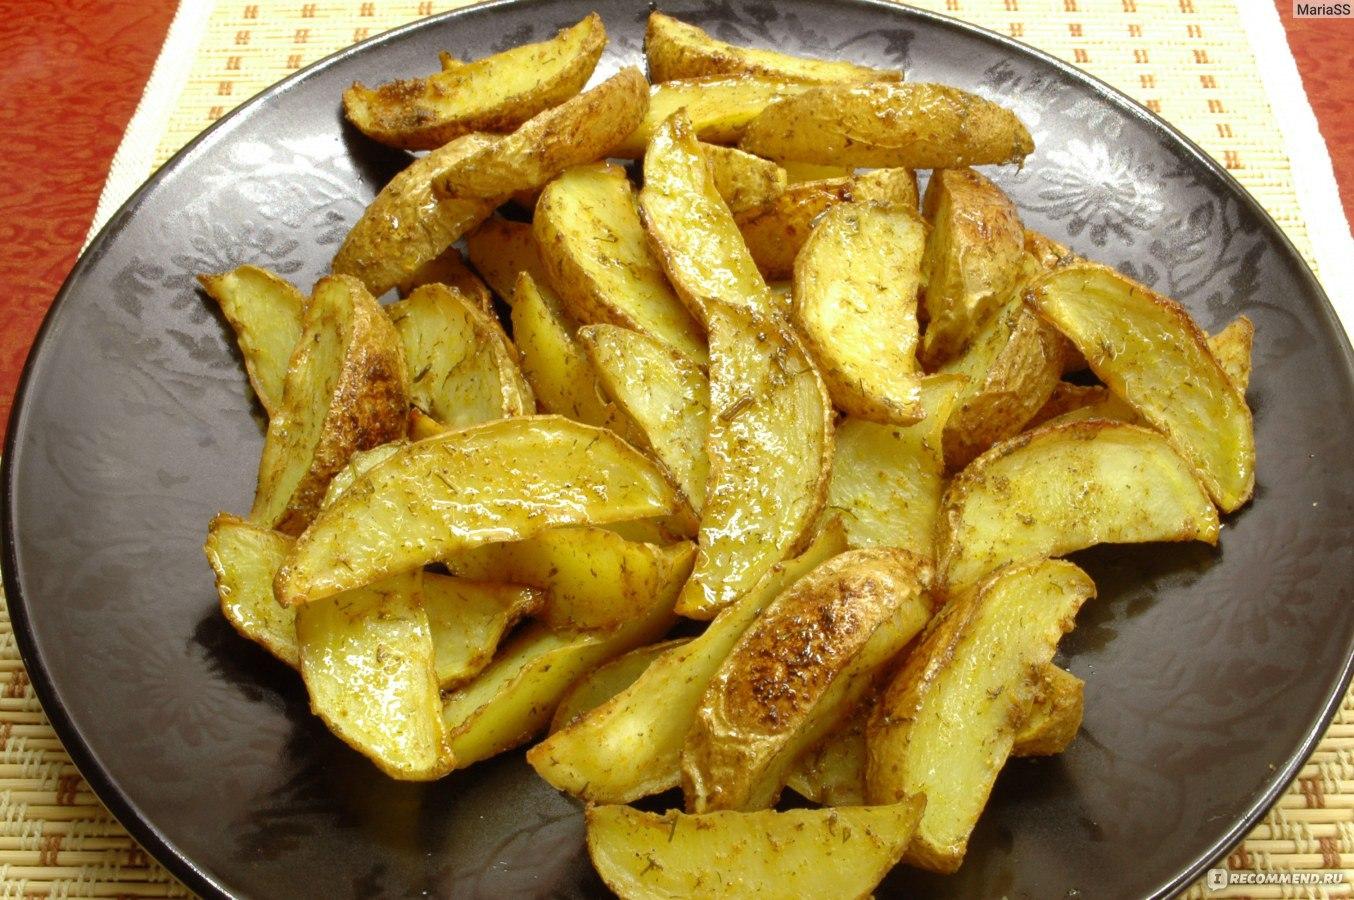 Рецепт картофеля в духовке в домашних условиях